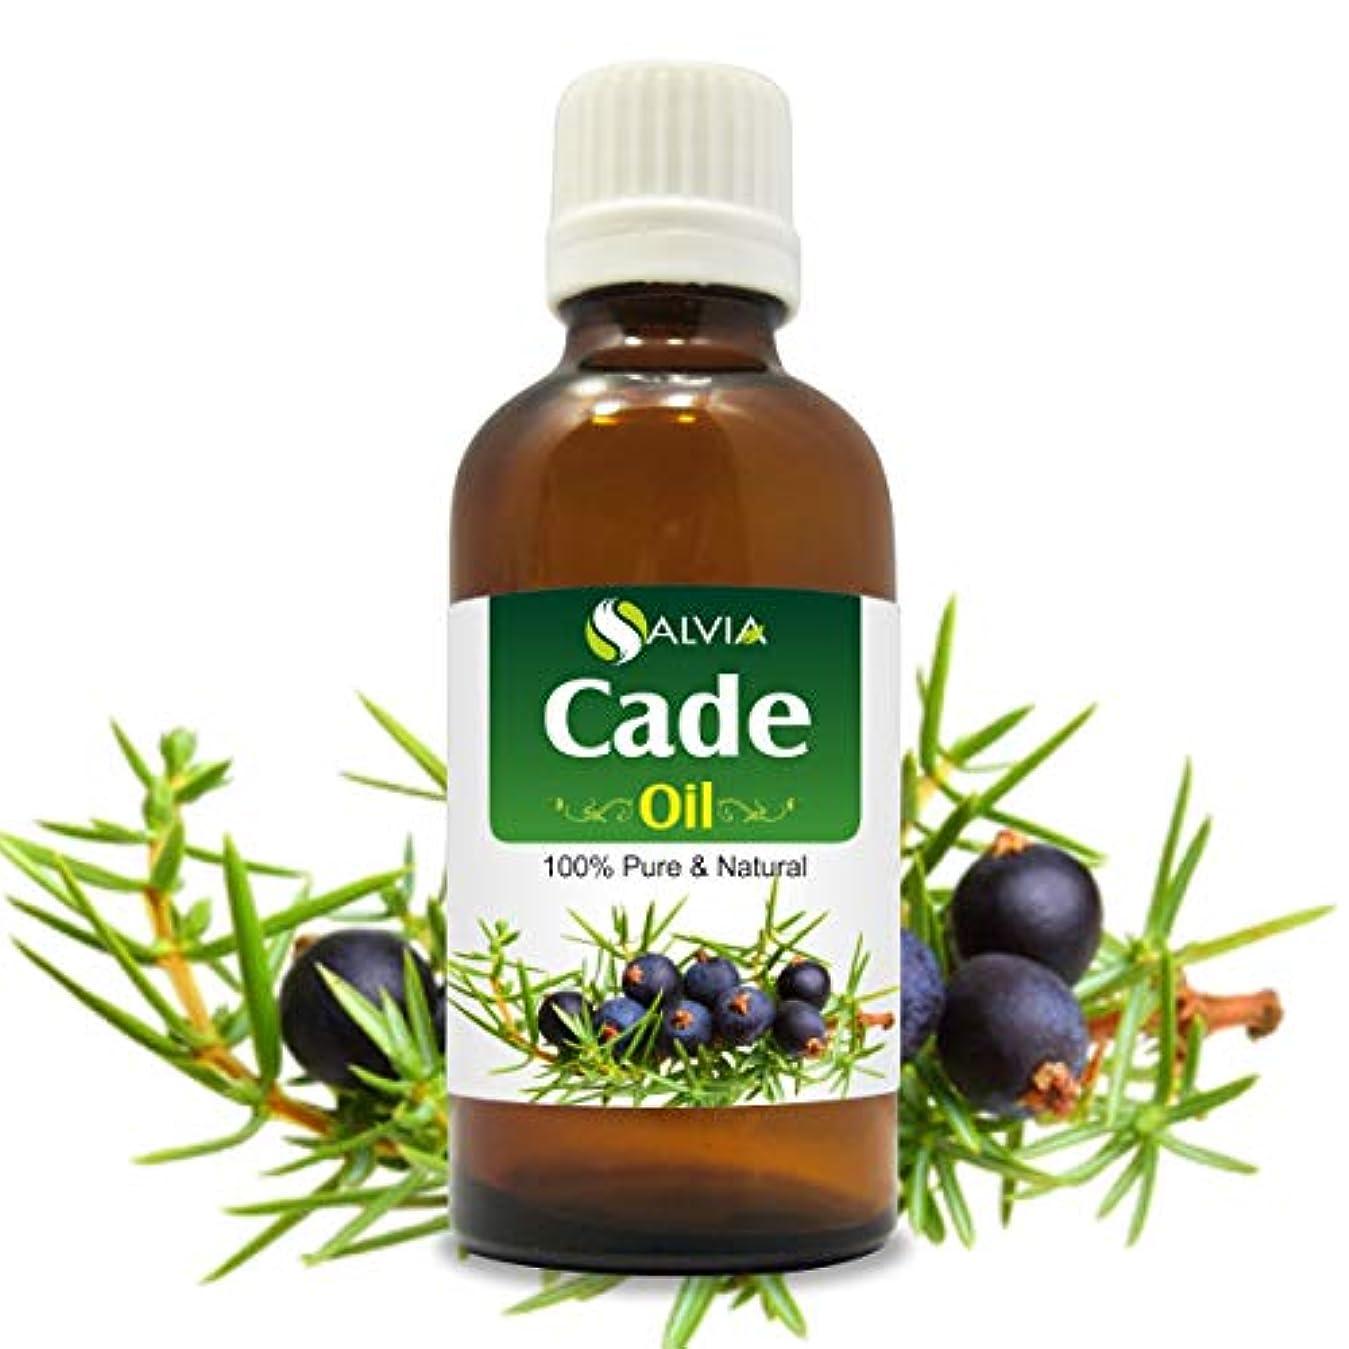 アリス引く削除するCade Essential Oil (Juniperus oxycedrus) Therapeutic Oil 100% Pure & Natural - Undiluted Uncut Aromatherapy Oil...